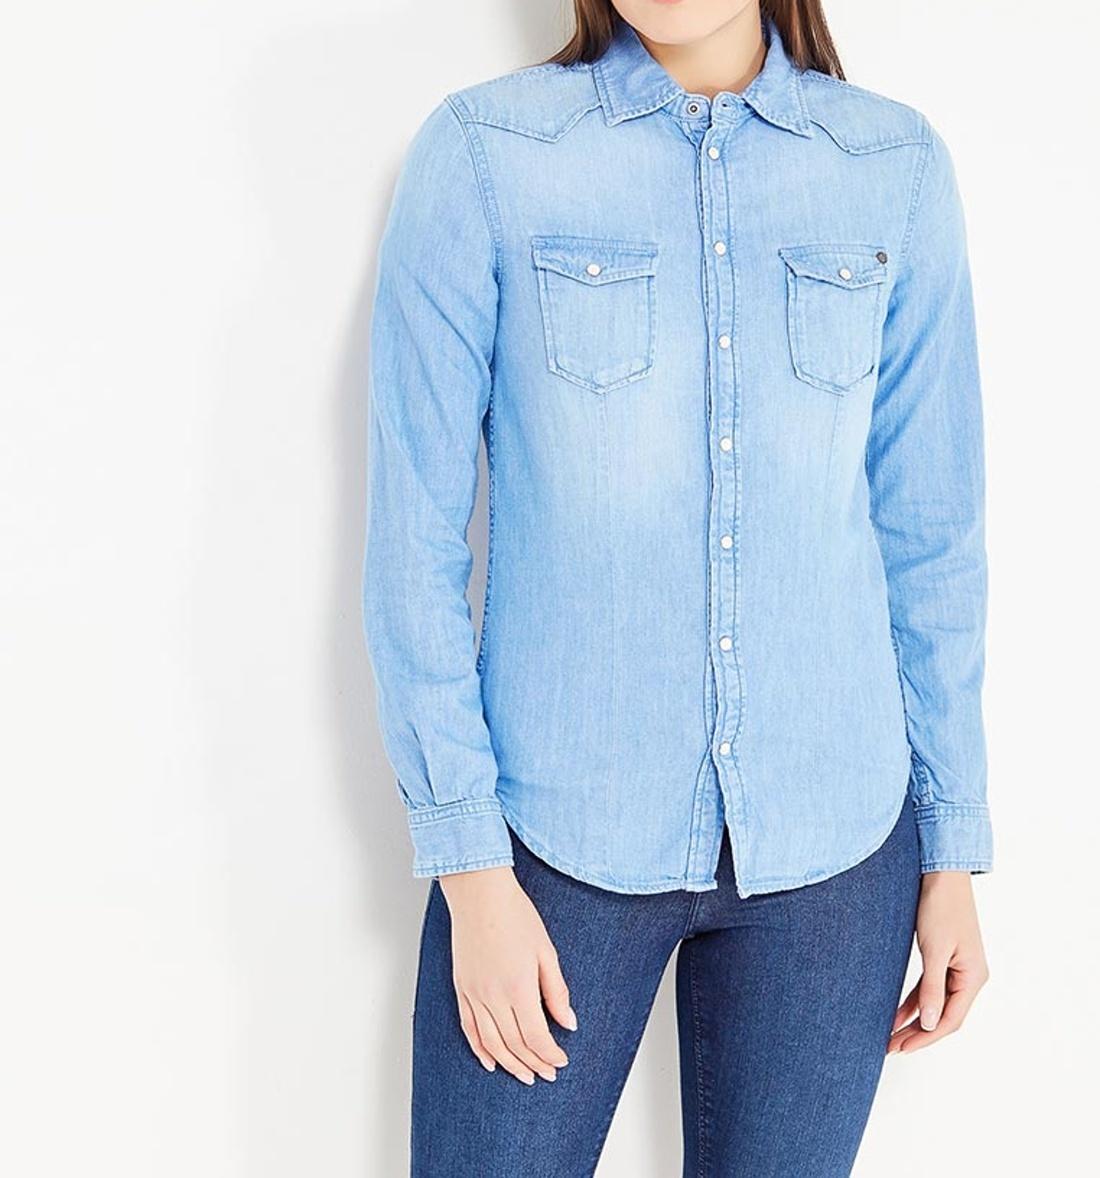 b7d1dccd7d7 Pepe Jeans dámská džínová košile Rosie - Mode.cz